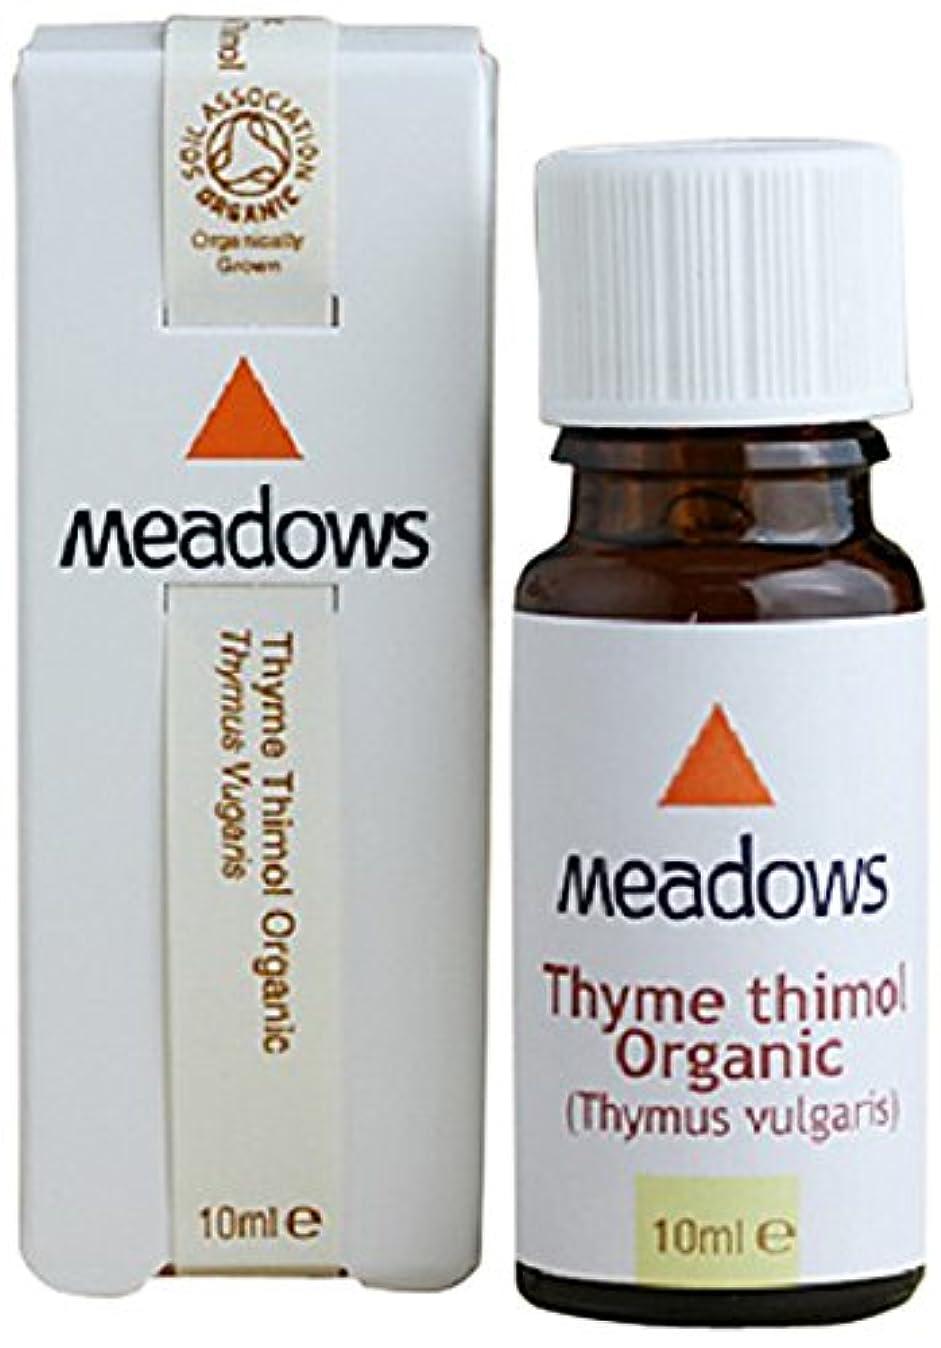 効能ある咽頭リサイクルするメドウズ エッセンシャルオイル タイム(チモール) 5ml